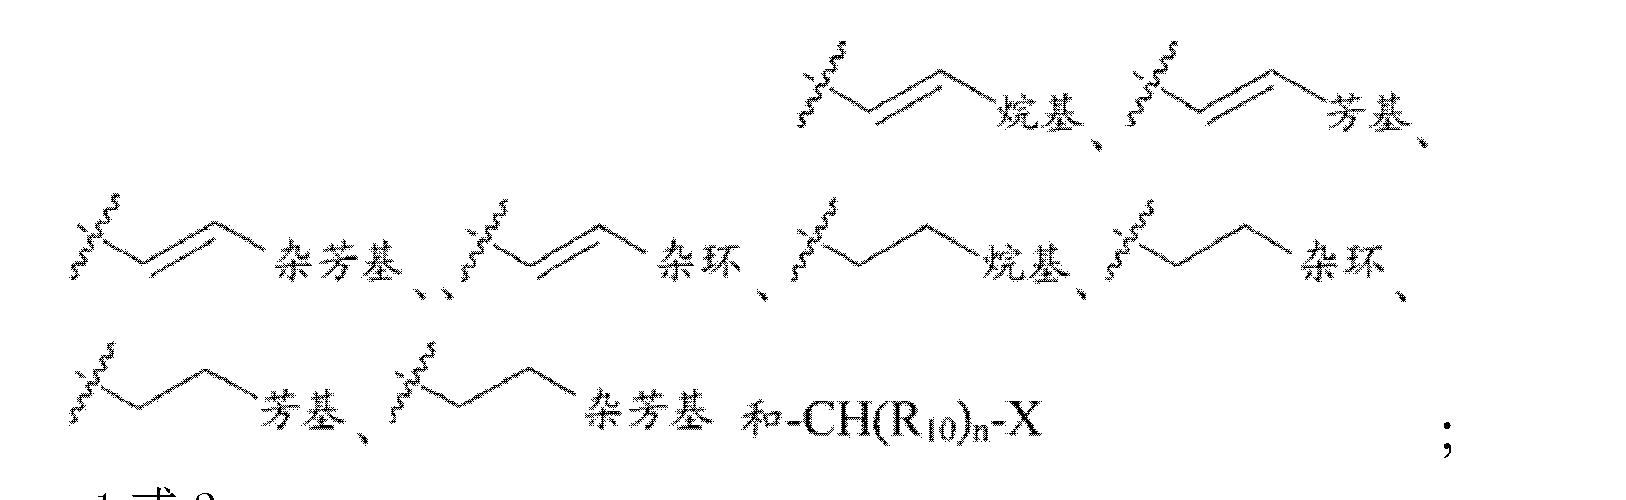 Figure CN102448458BD00104